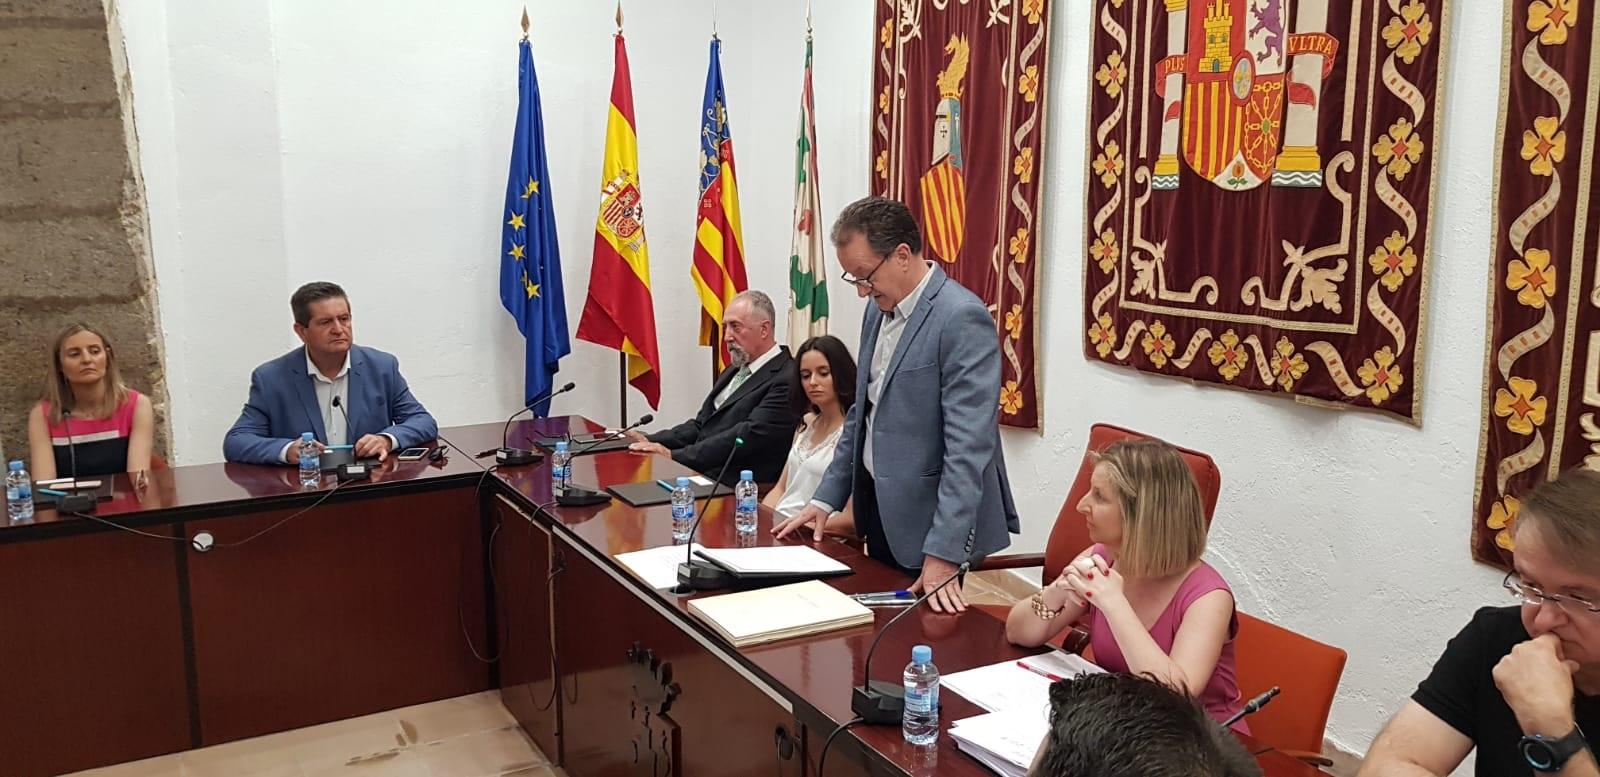 Alcalà, l'Ajuntament dona a conèixer la distribució del nou Govern Municipal